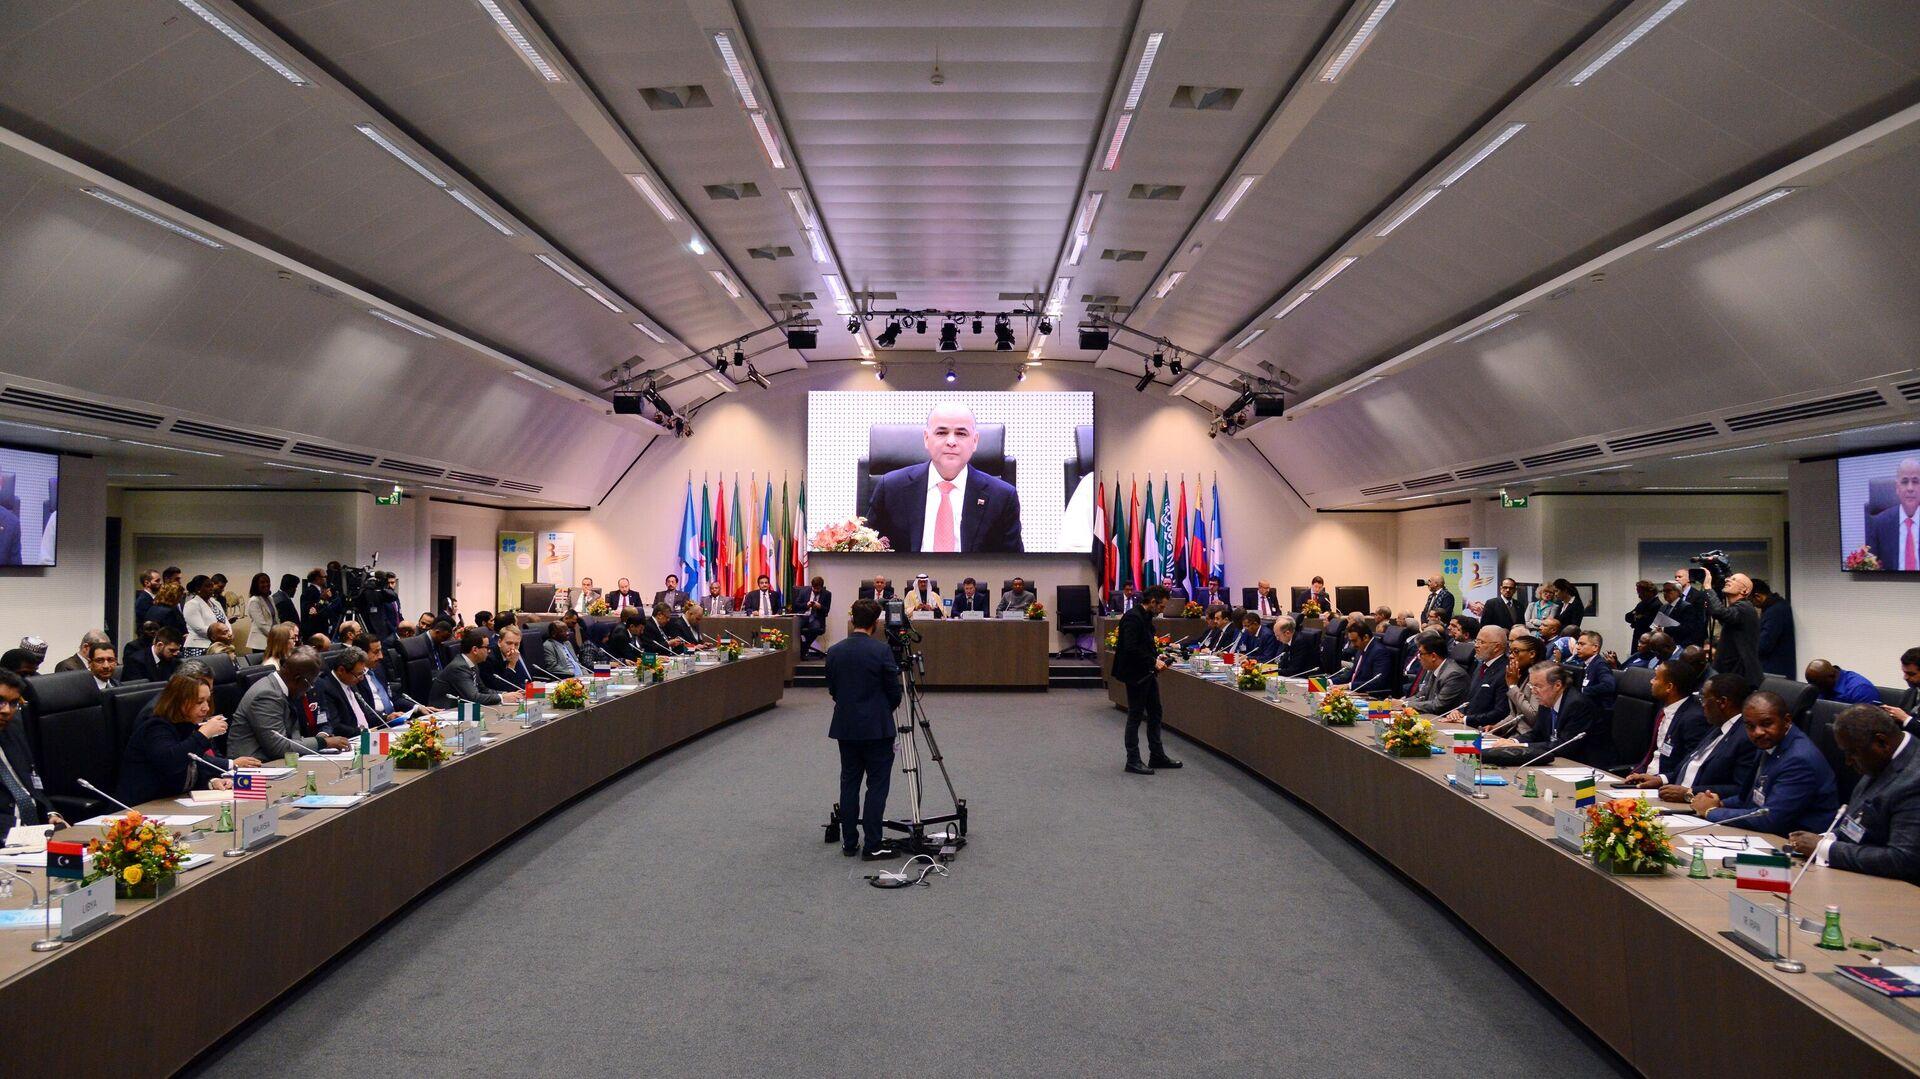 Заседание стран-участниц соглашения о сокращении добычи нефти ОПЕК+ - РИА Новости, 1920, 20.10.2020